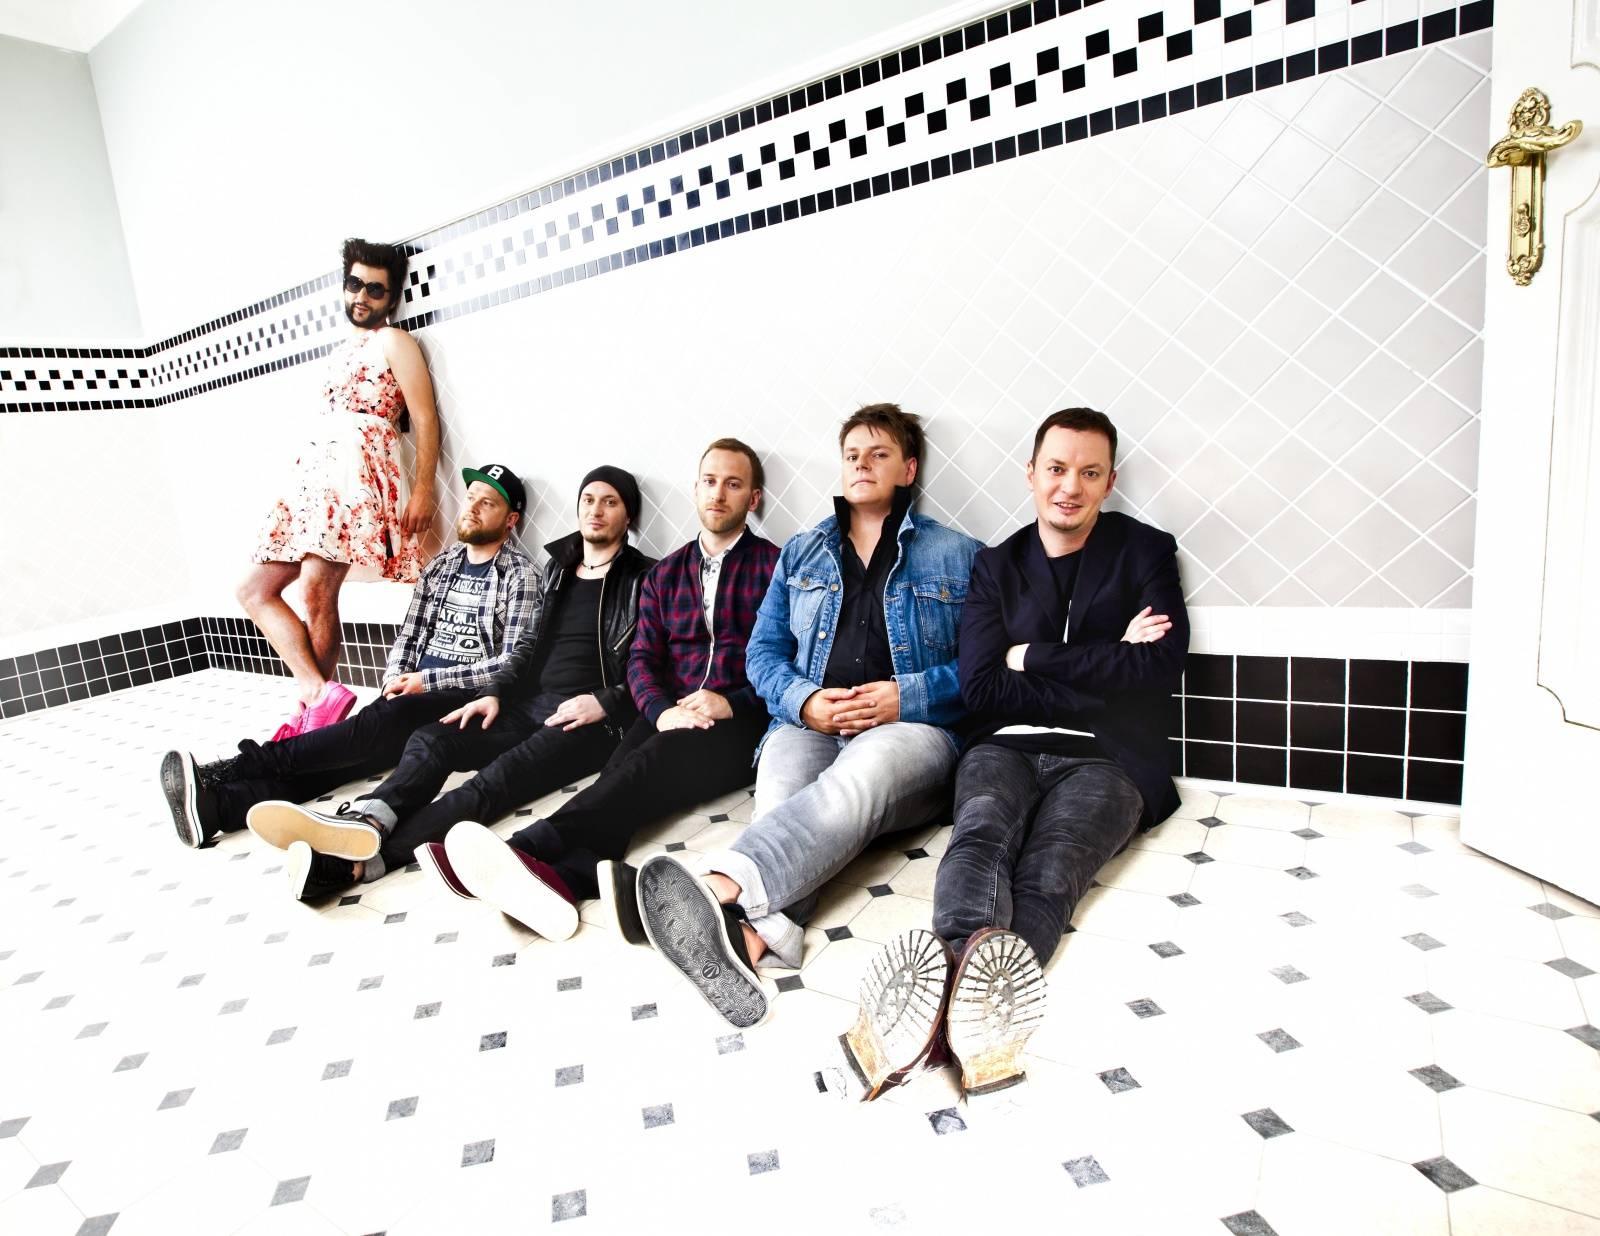 UDG interview: Při koncertě jsme jednou vlezli do vody, do který se nikdo asi 30 let neopovážil ponořit nohu